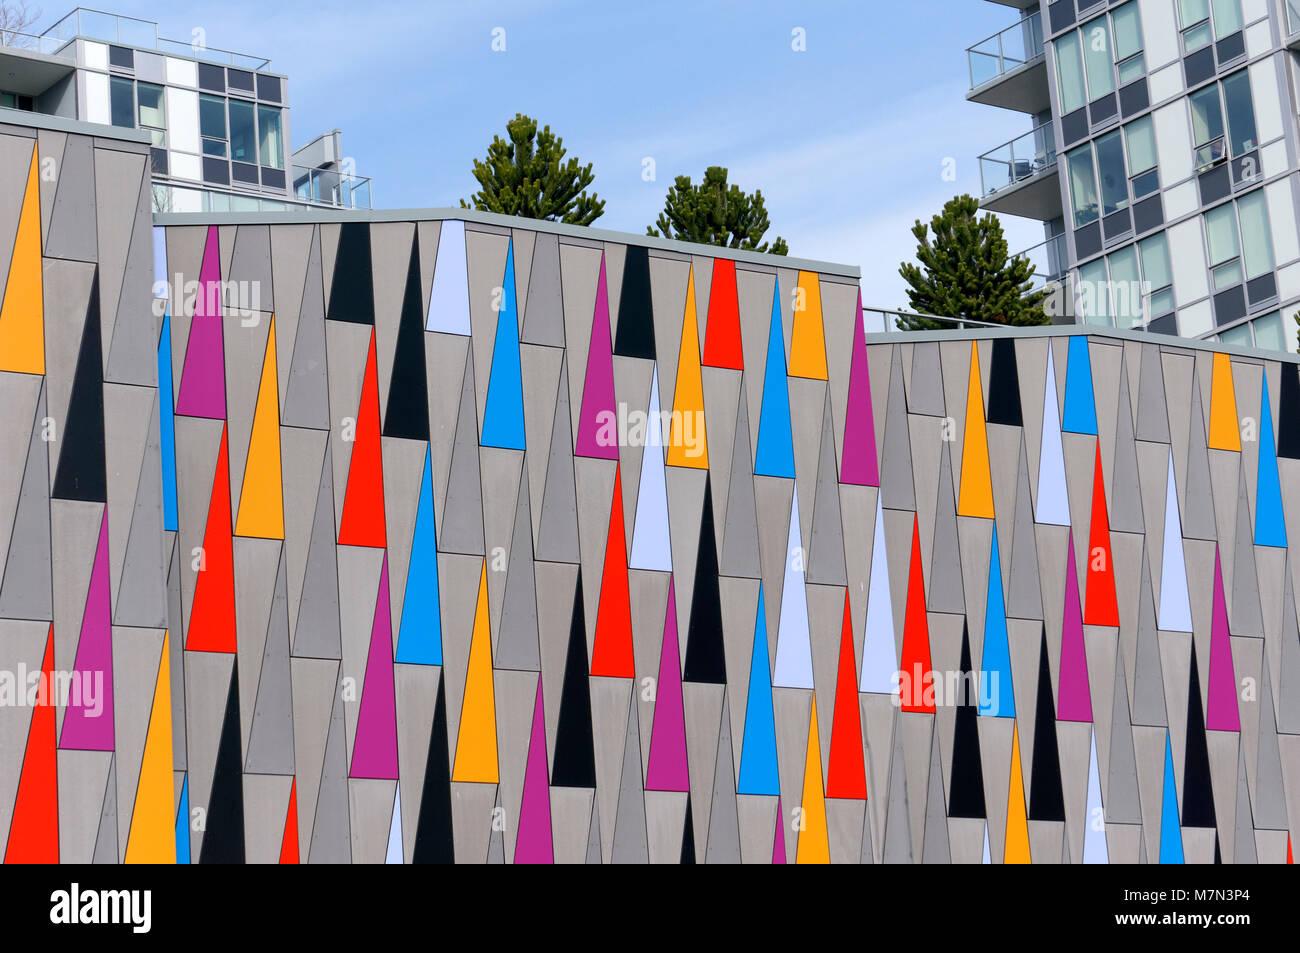 Bunte Dreiecke Design an der Außenwand eines modernen Gebäudes in Richmond, BC, Kanada Stockbild